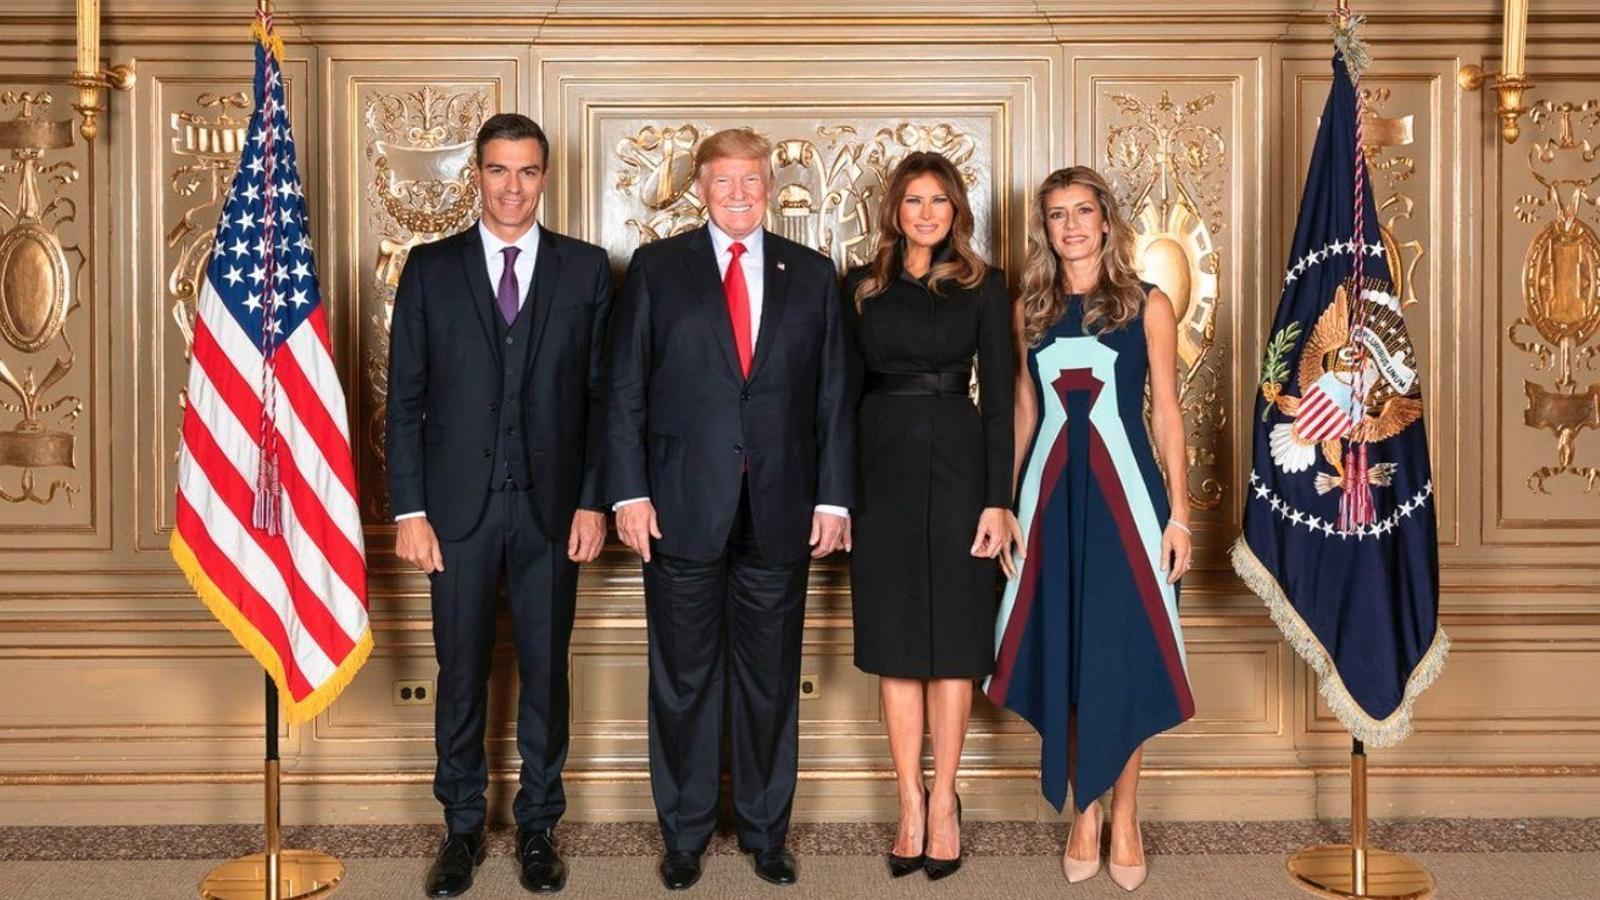 El president espanyol, Pedro Sánchez, i la seva dona, amb el president dels EUA, Donald Trump, i la seva dona, durant l'Assemblea General de l'ONU 2018.